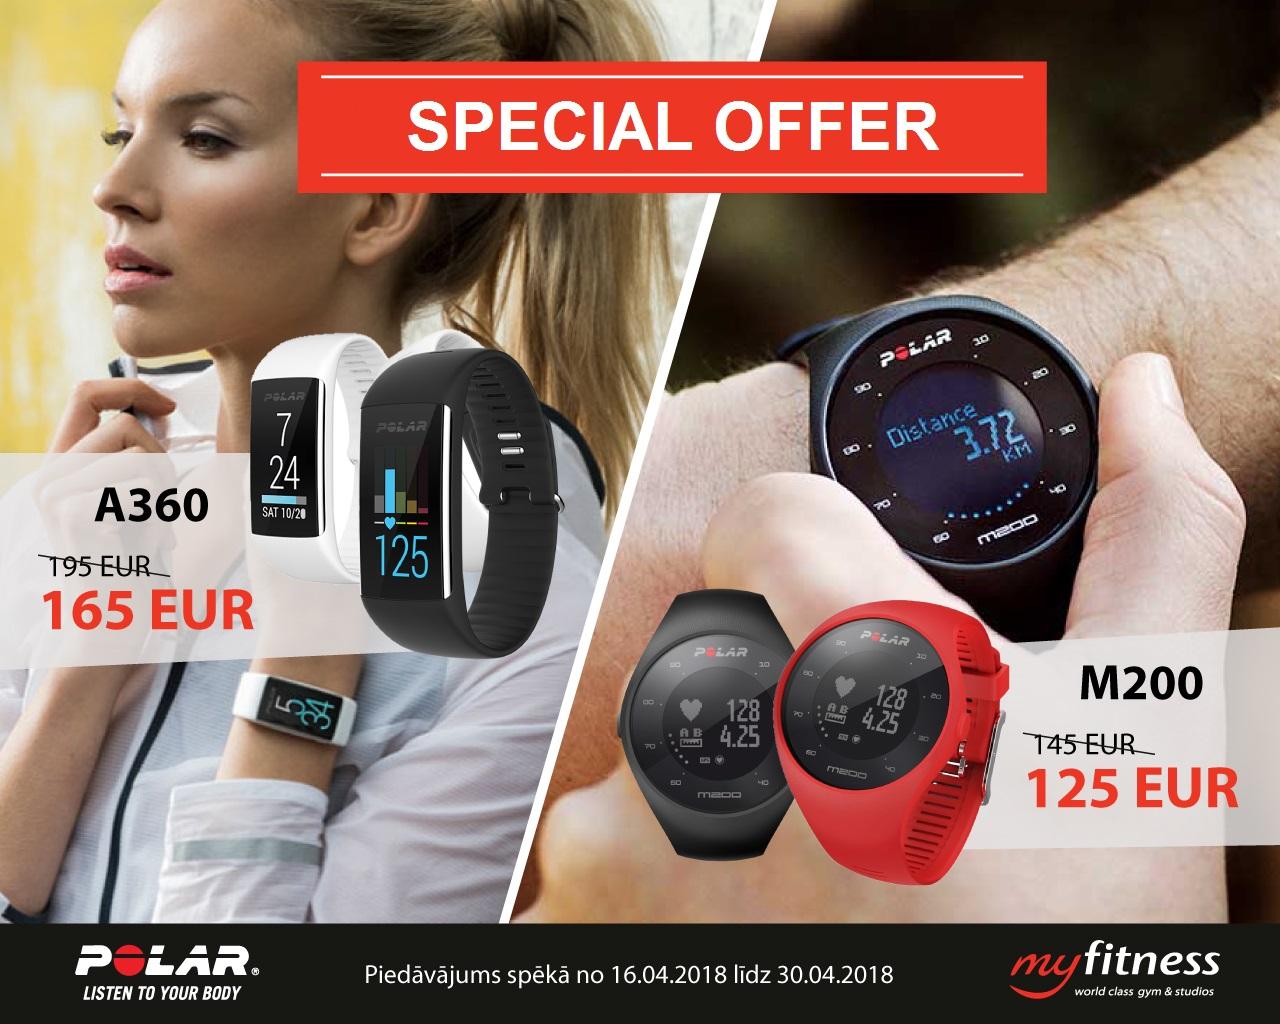 La fitness deals august 2018